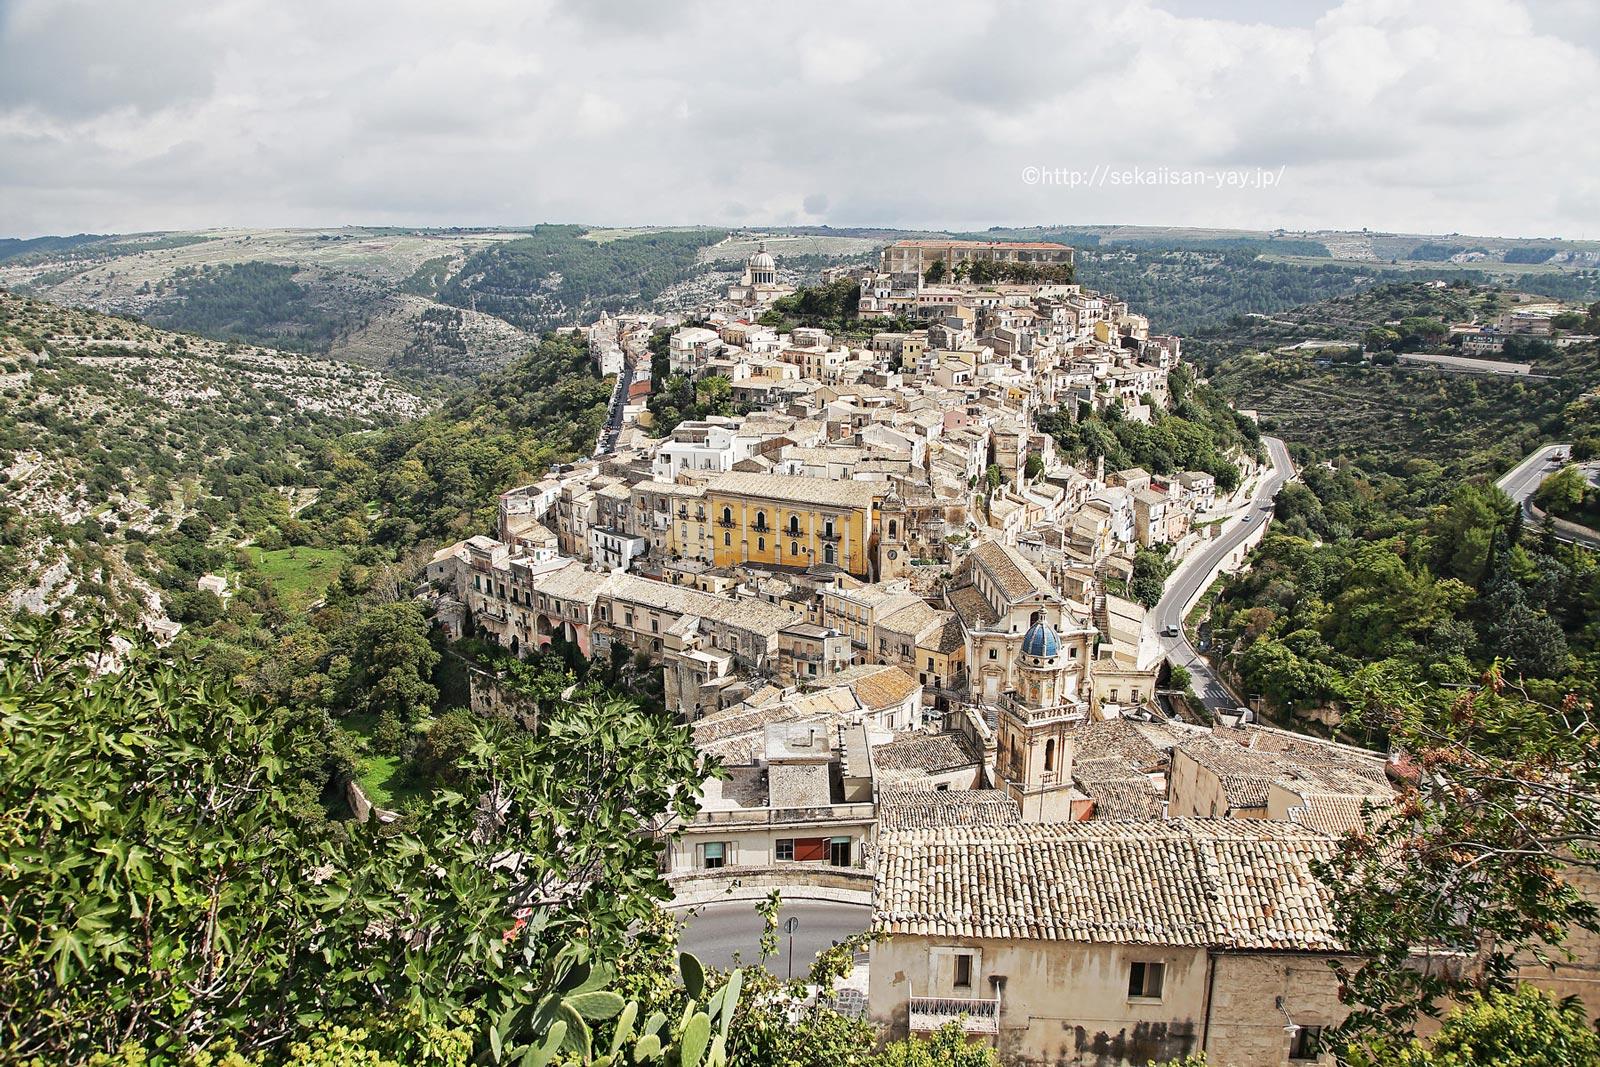 イタリア「ヴァル・ディ・ノートの後期バロック様式の町々(シチリア島南東部)」- ラグーザ・イブラ